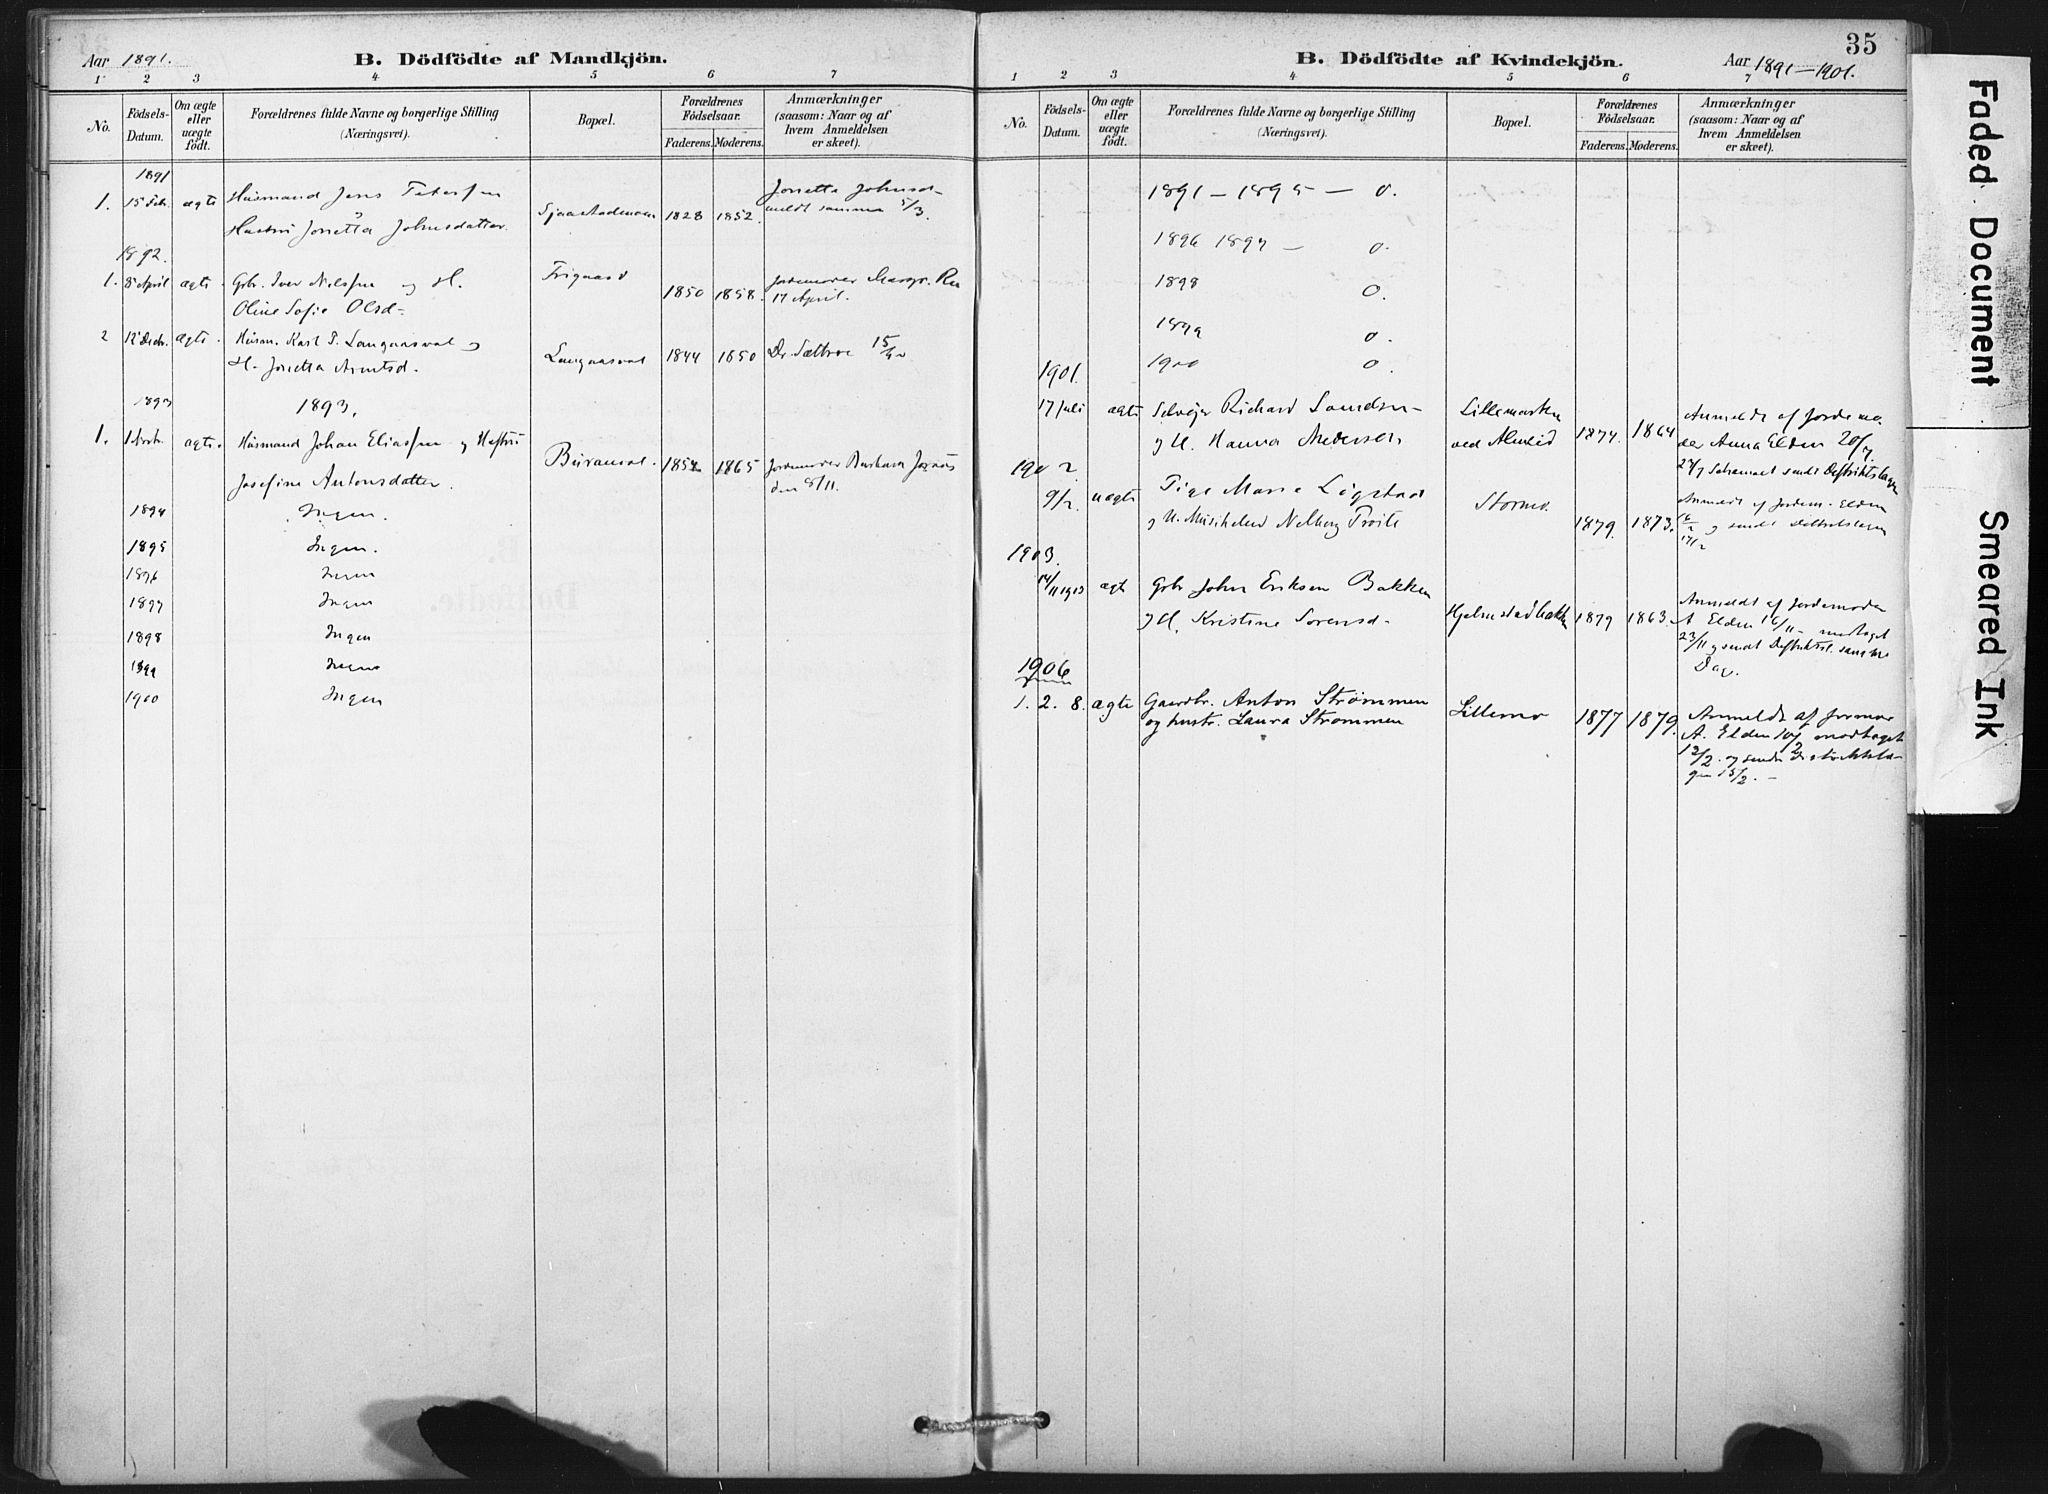 SAT, Ministerialprotokoller, klokkerbøker og fødselsregistre - Nord-Trøndelag, 718/L0175: Ministerialbok nr. 718A01, 1890-1923, s. 35